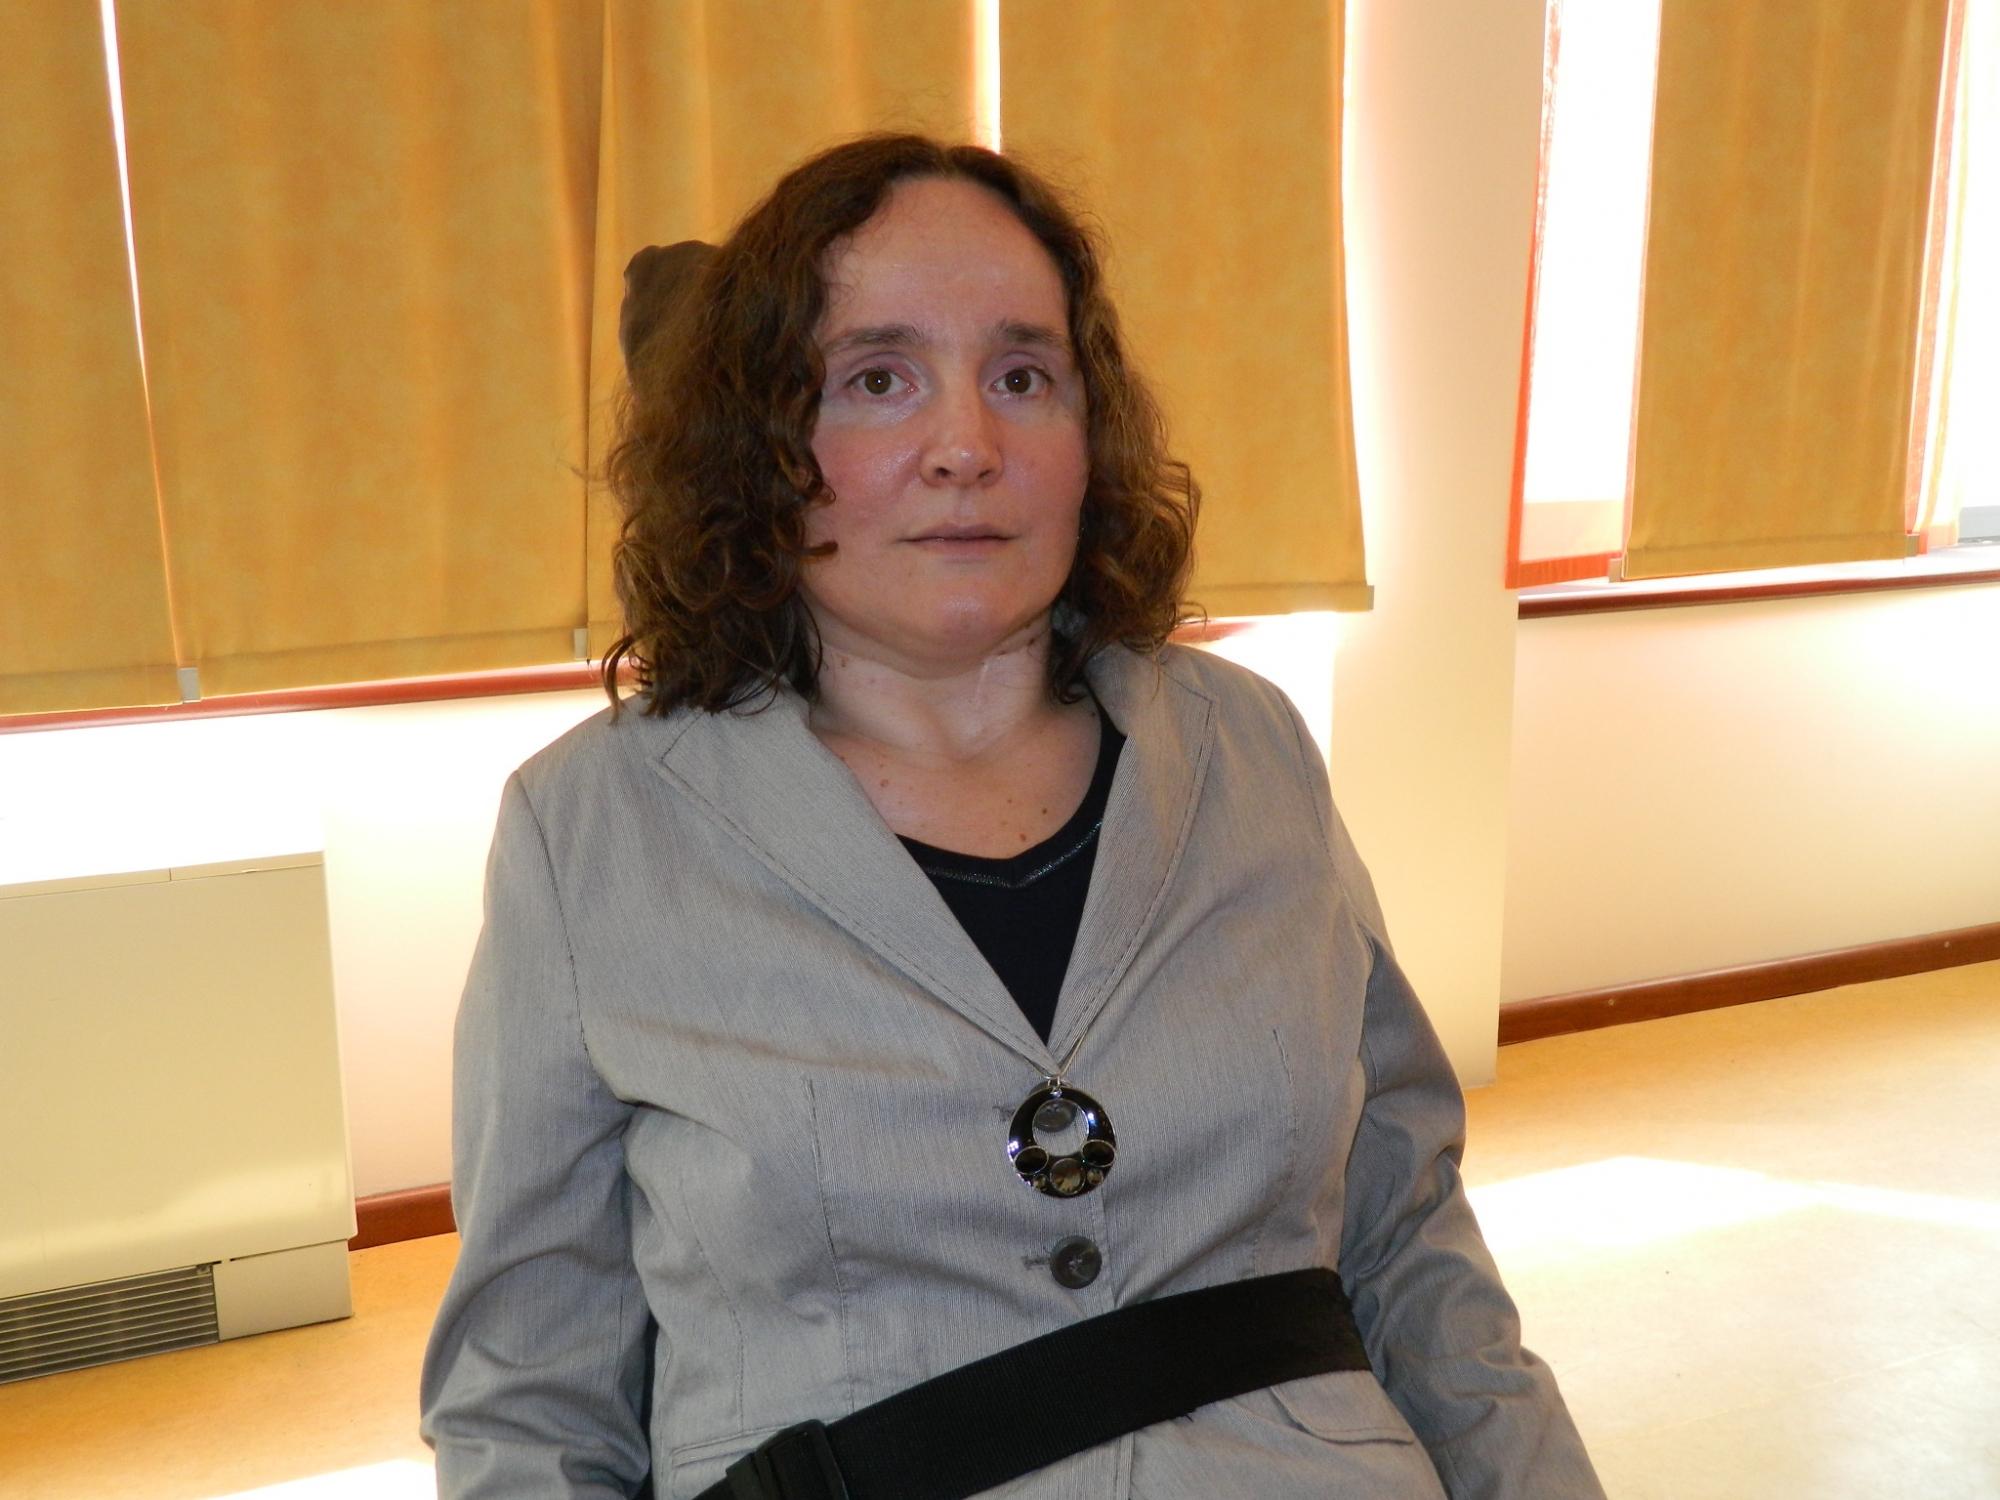 Problemi oko pristupačnosti javnim objektima za invalide